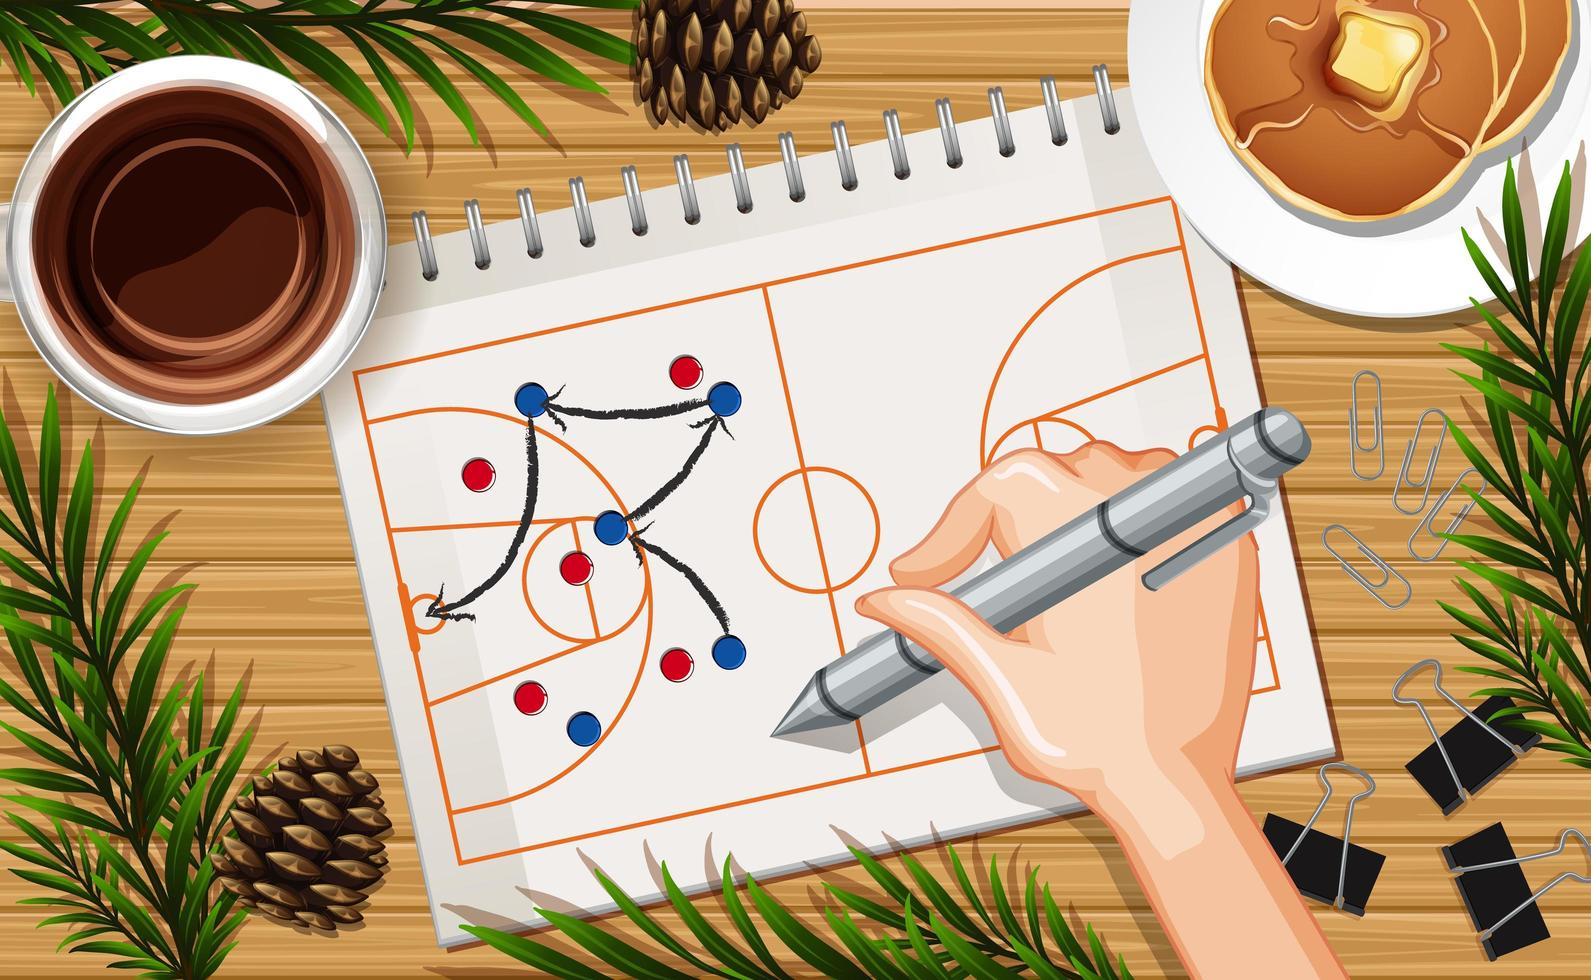 il basket di disegno a mano gioca su carta vettore